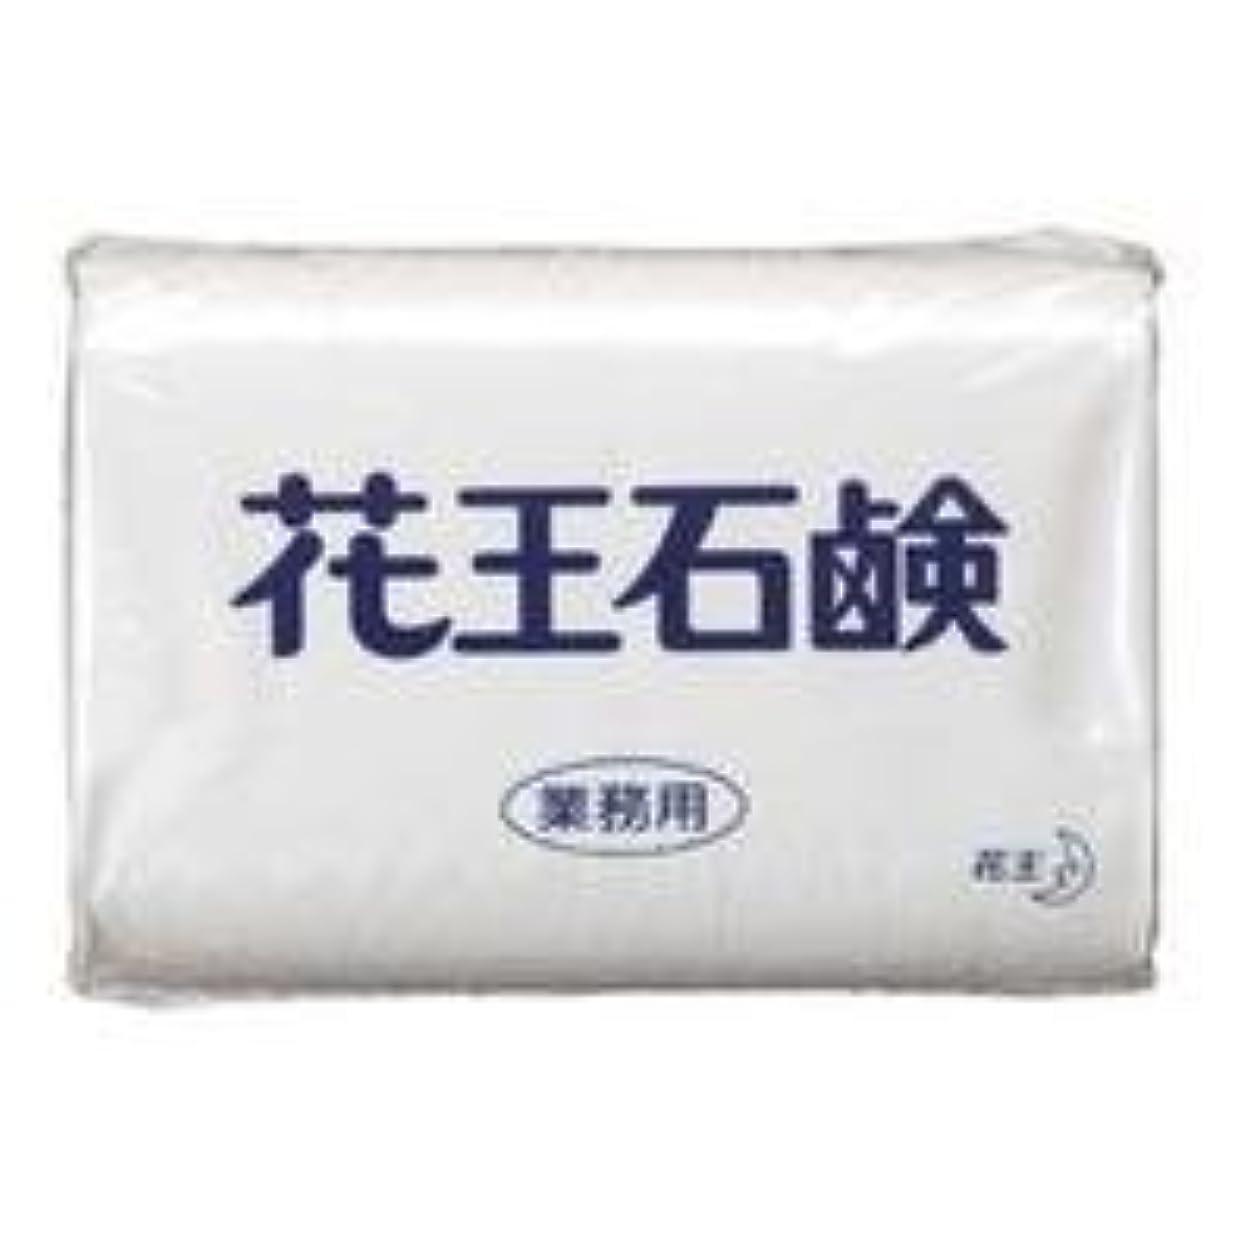 船酔いかなりの当社業務用石鹸 85g 3個×40パック(120個入り)